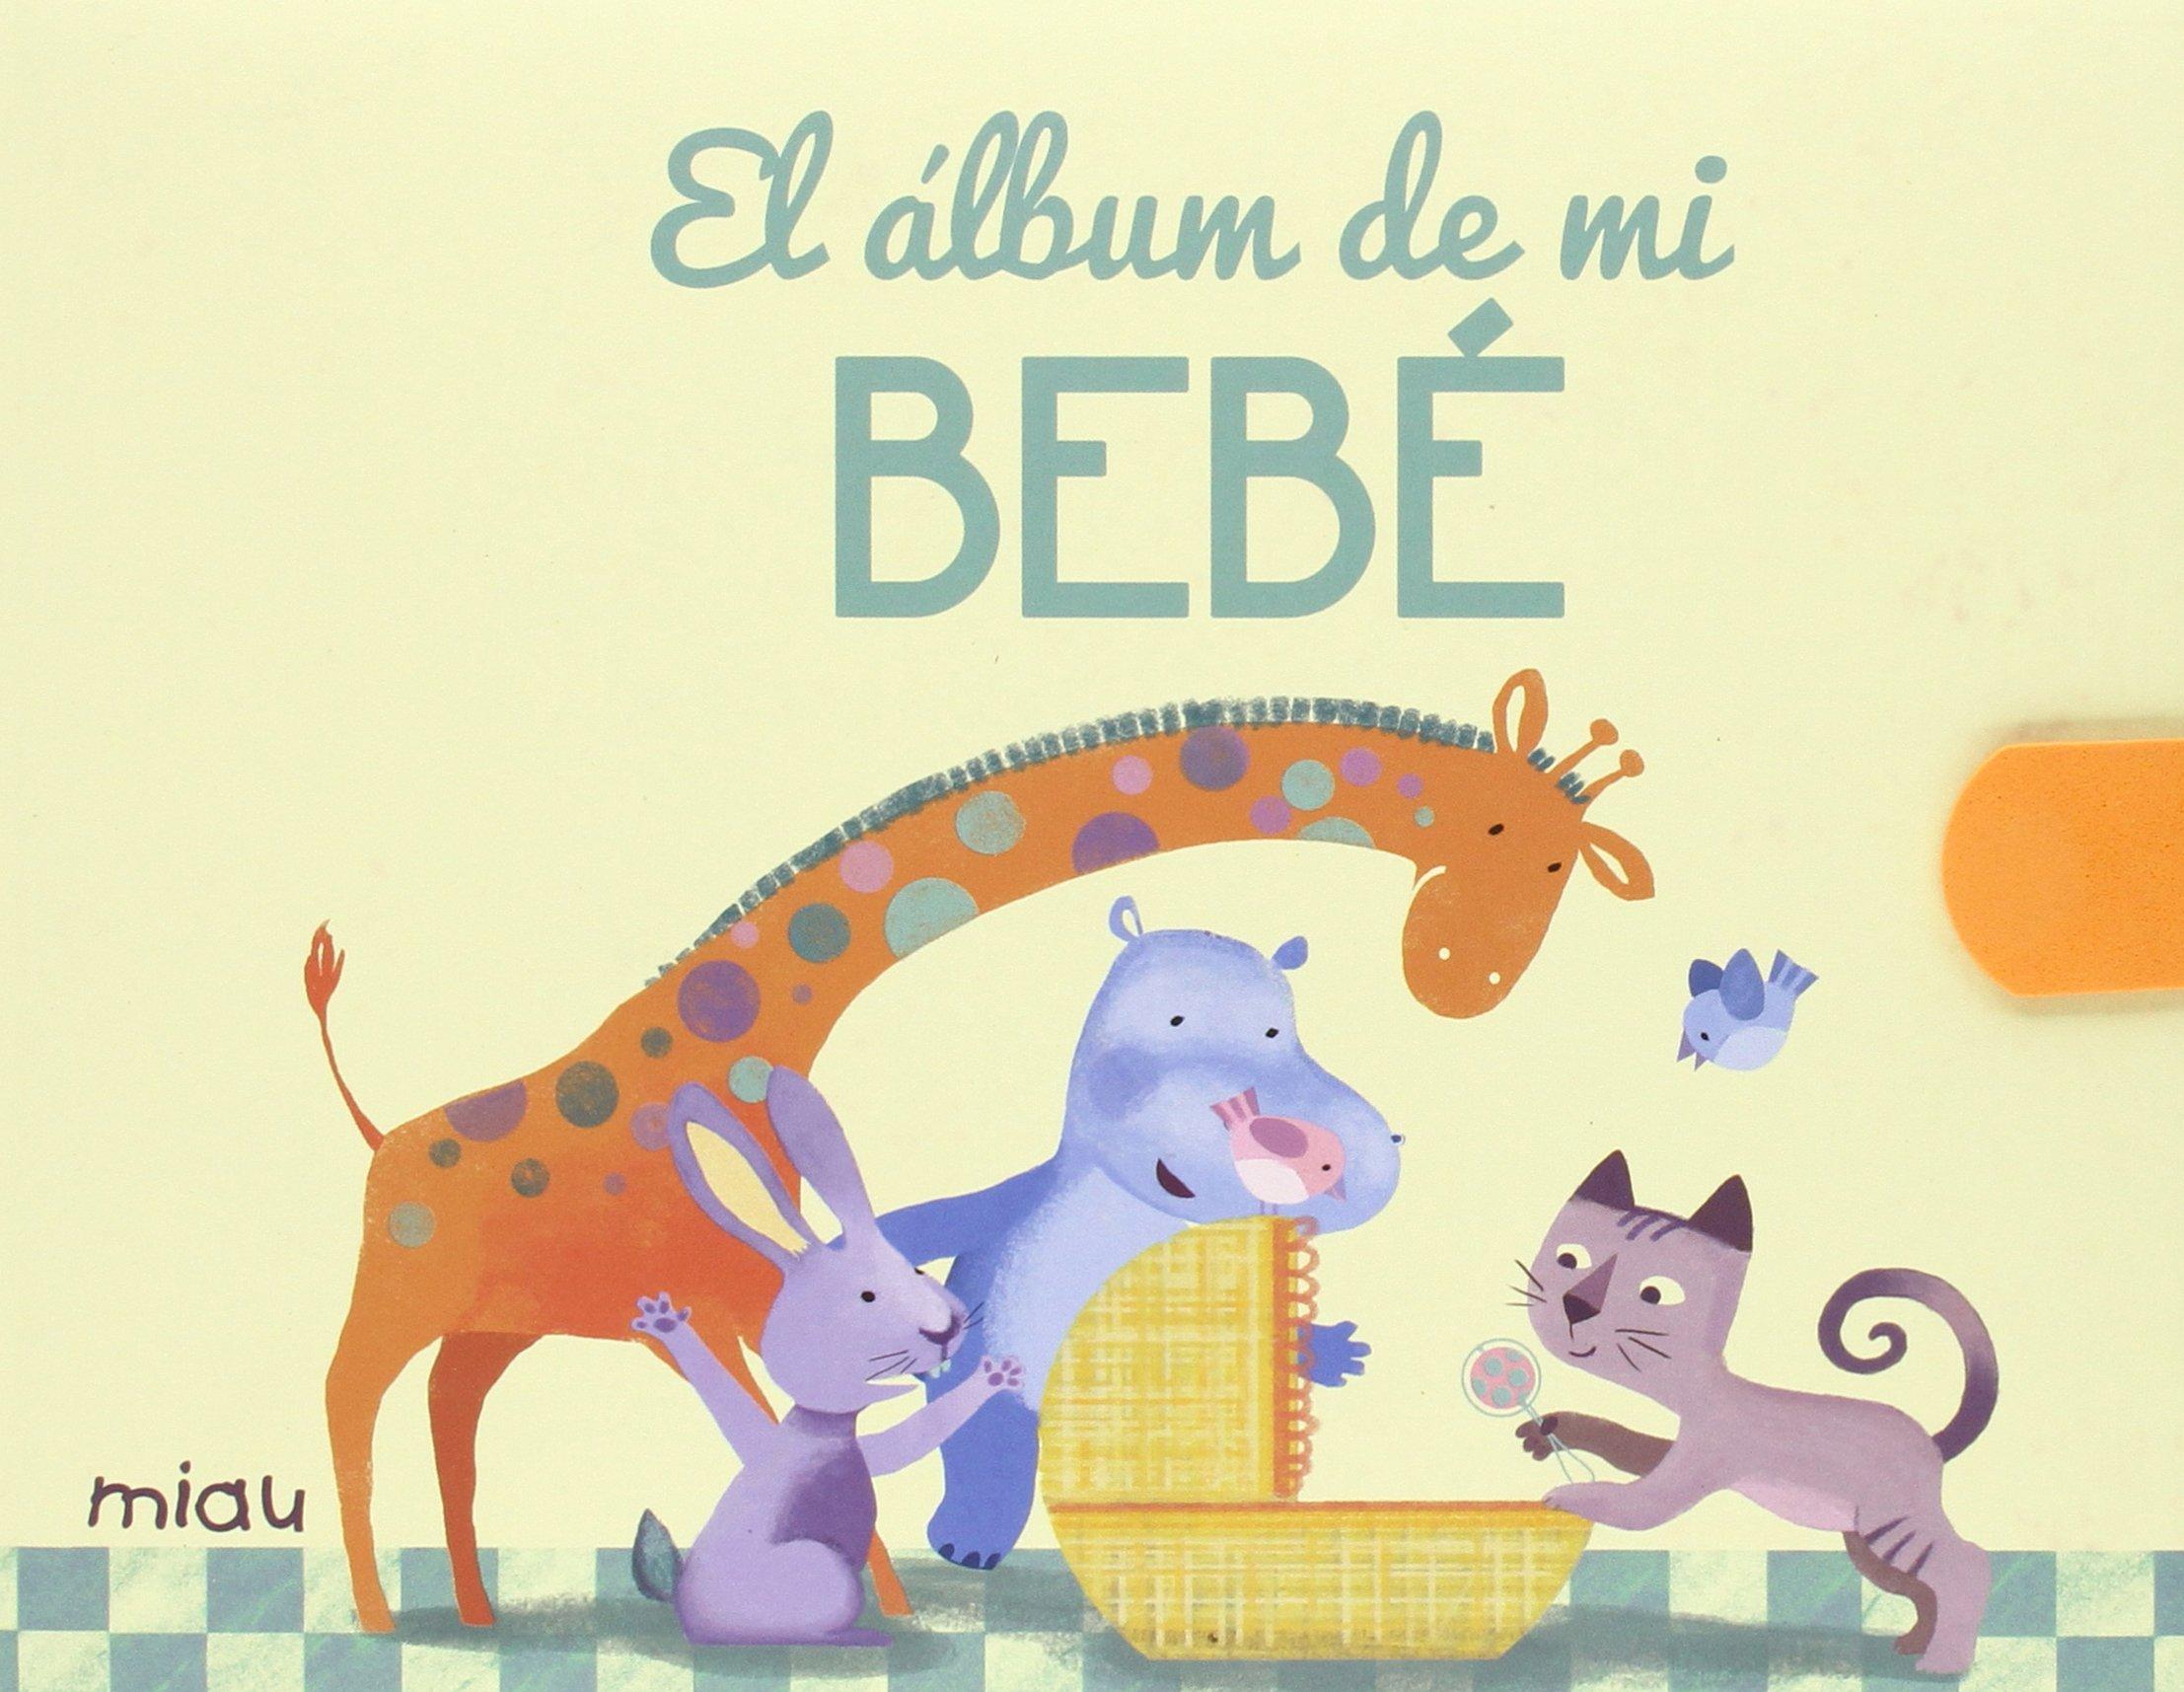 El álbum de mi bebé (Miau): Amazon.es: Ediciones Jaguar: Libros